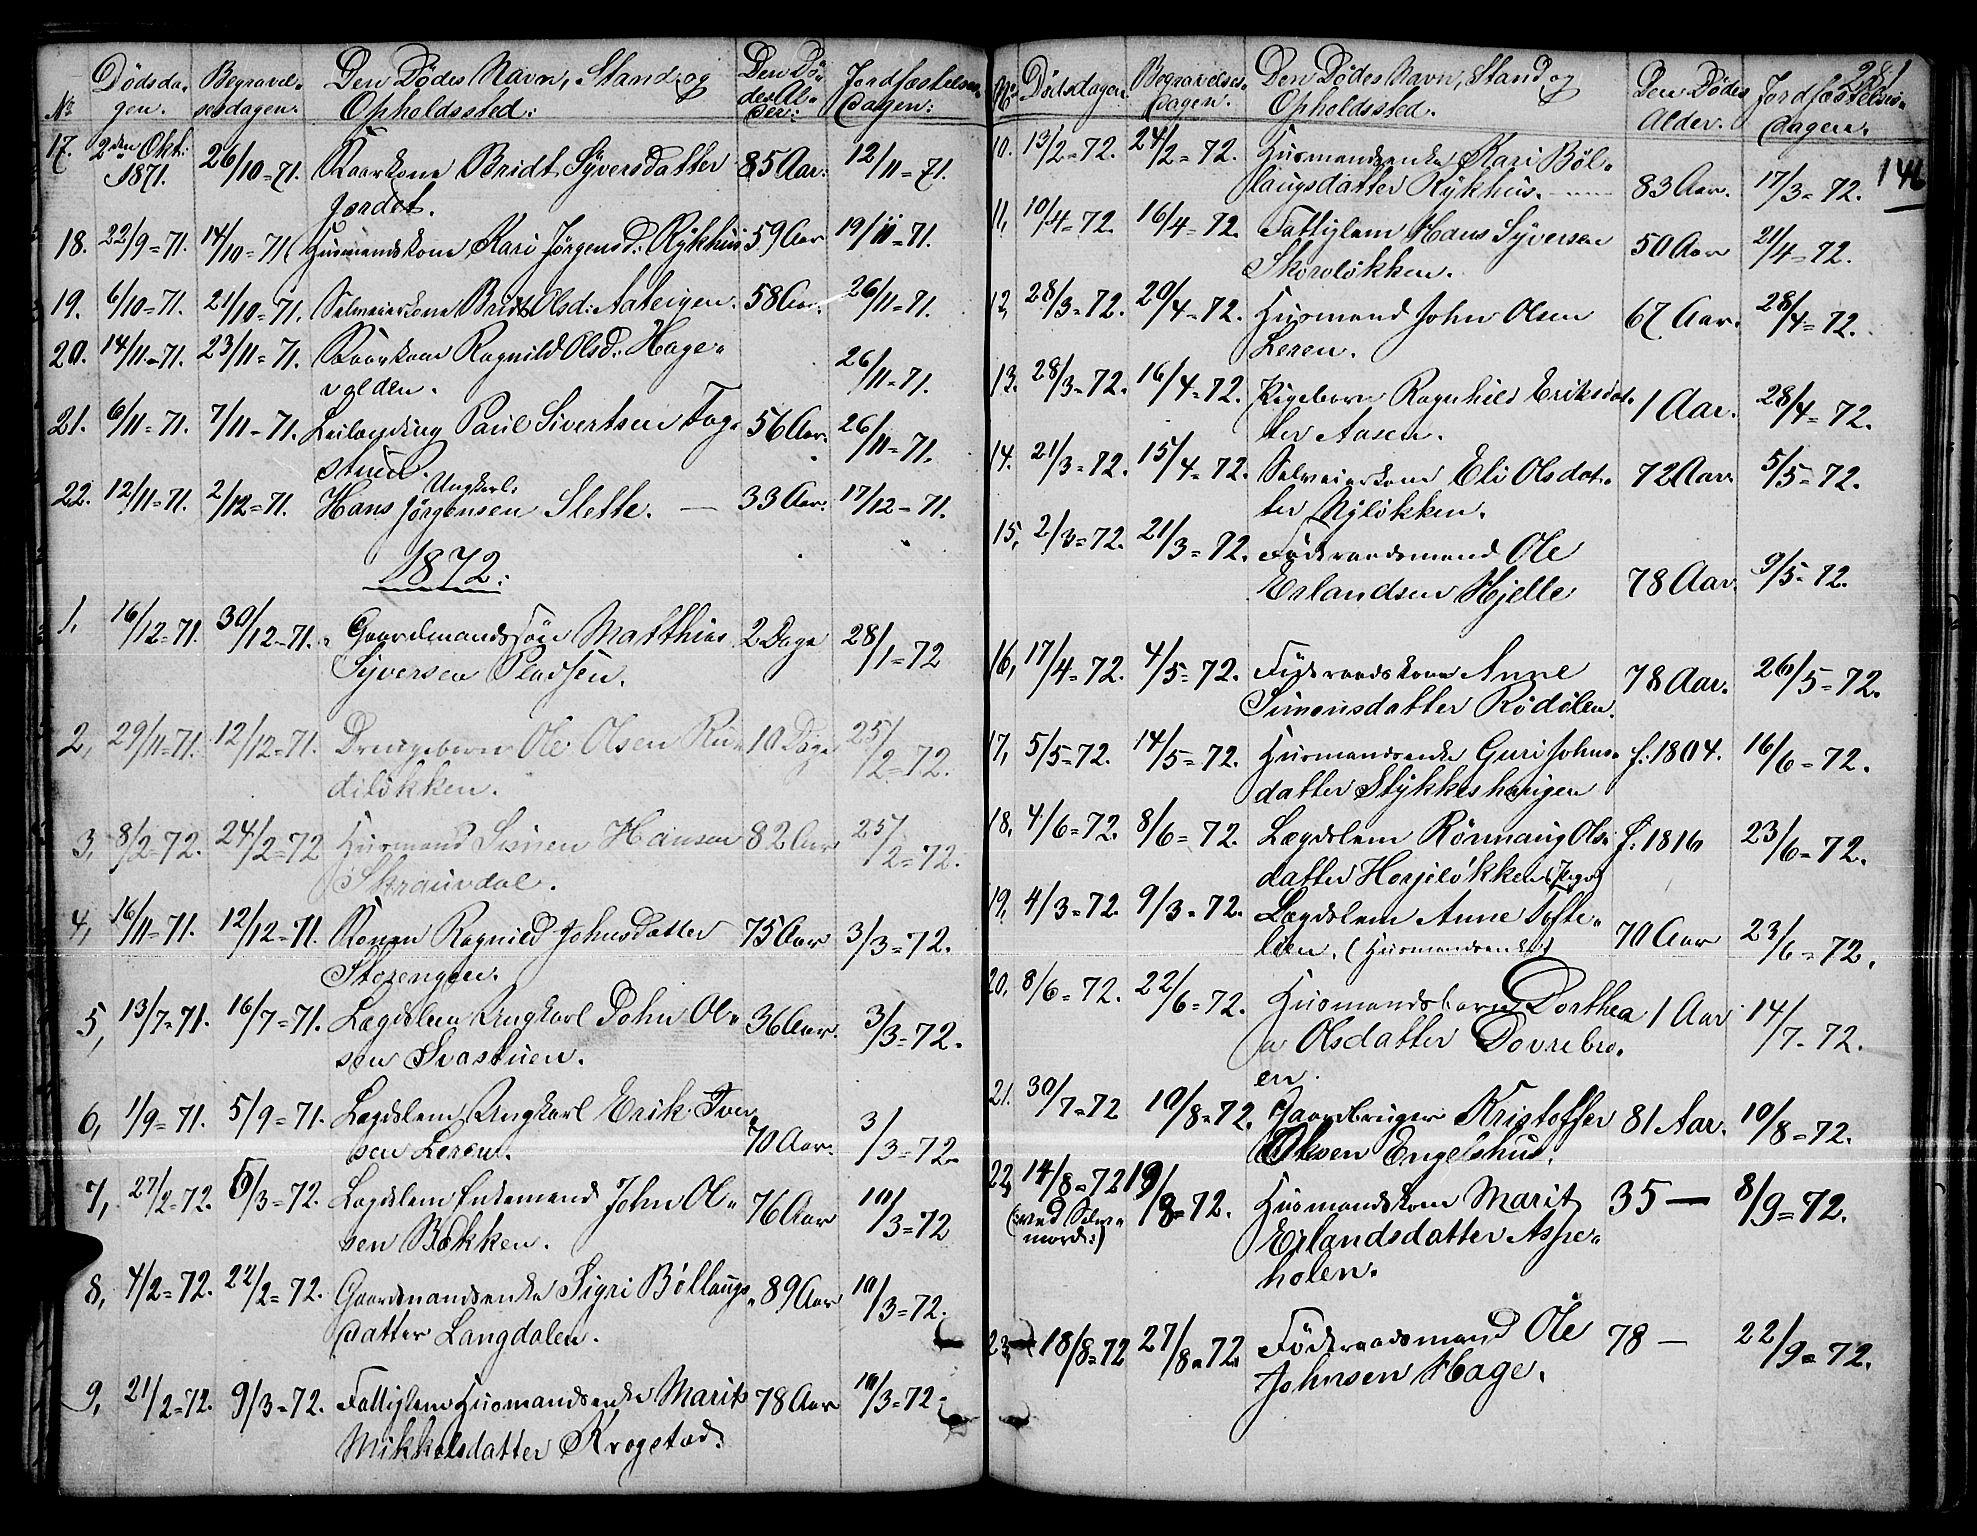 SAH, Dovre prestekontor, Klokkerbok nr. 1, 1862-1880, s. 281